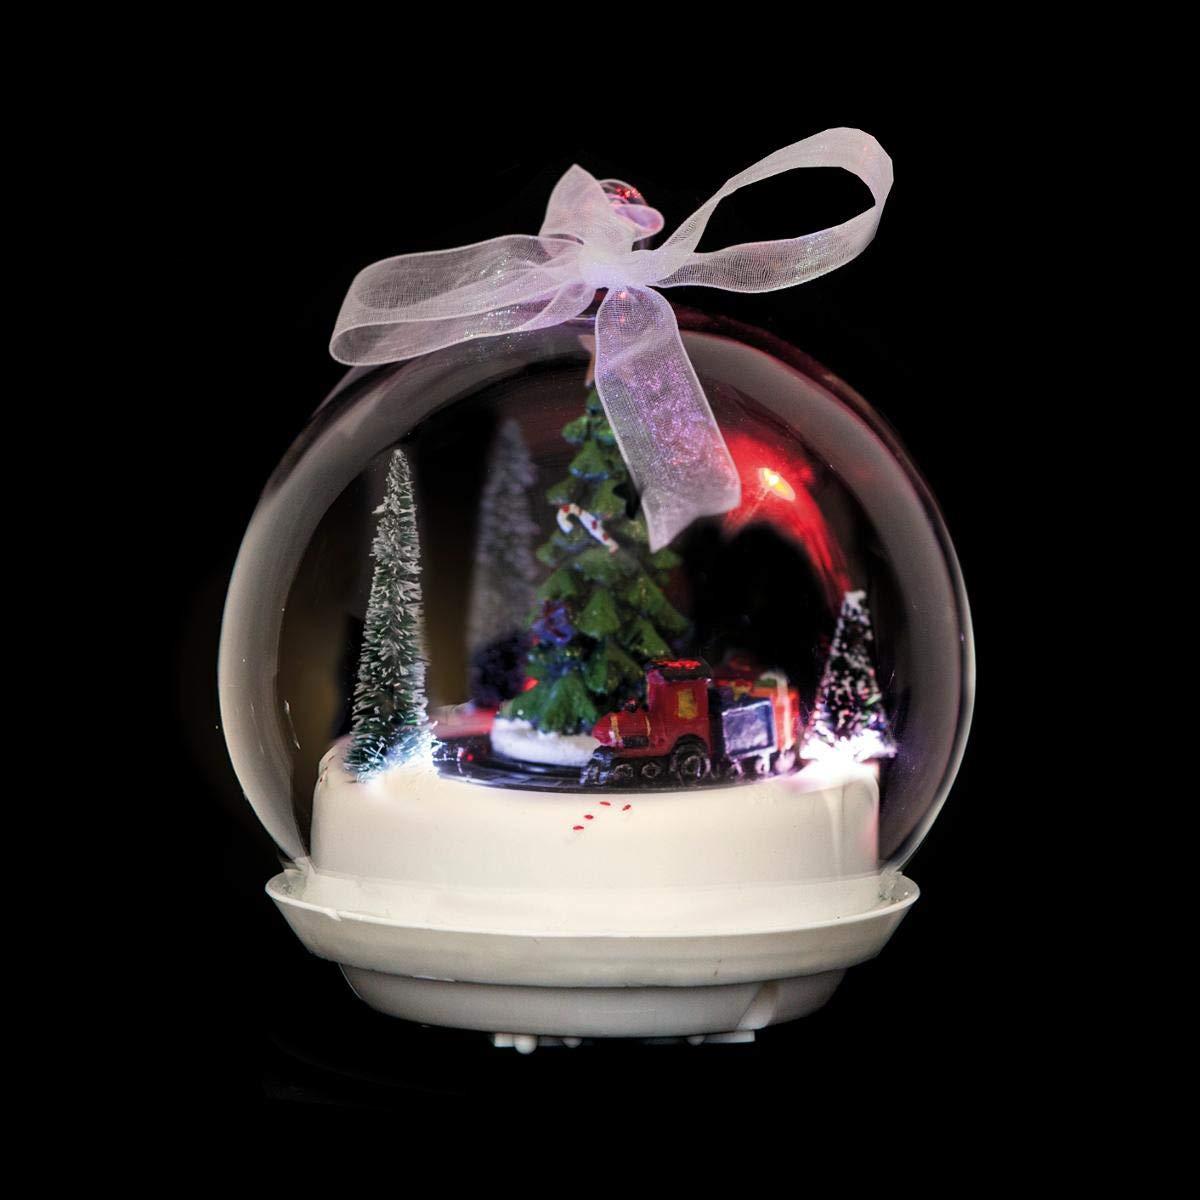 FEERIC CHRISTMAS - Boule de noë l Lumineuse & animé e 3 LED